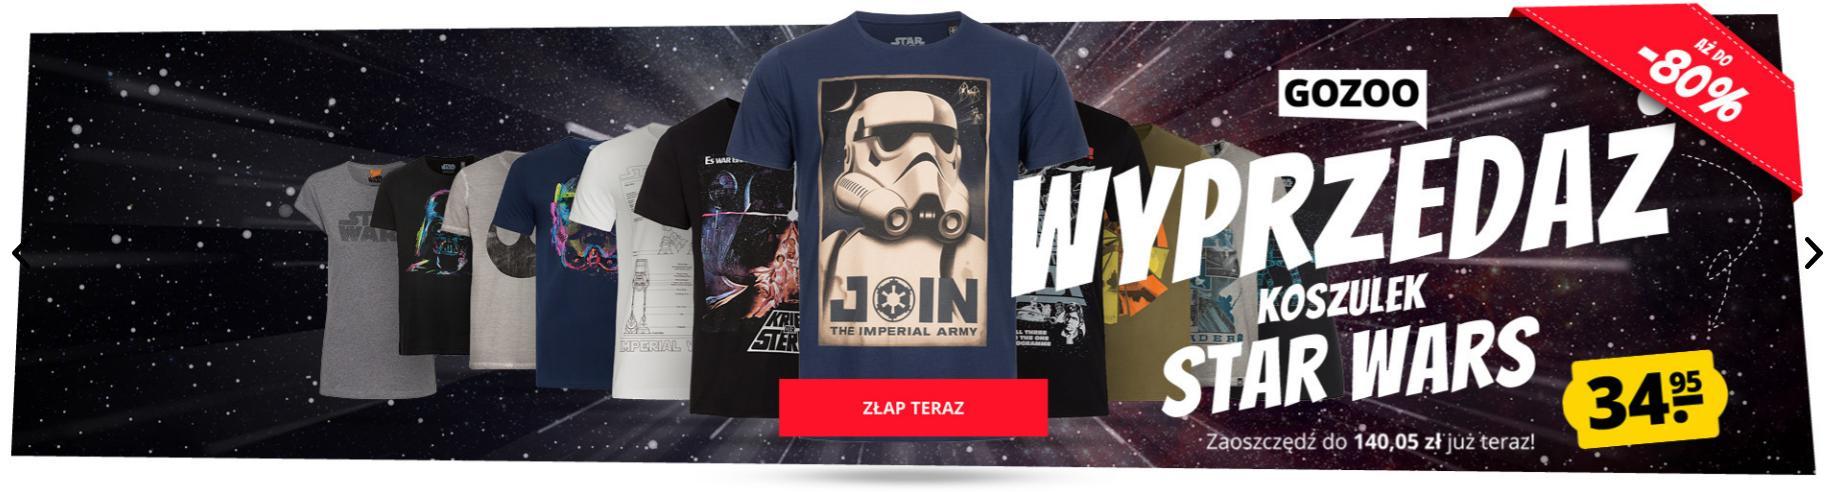 Sport Rabat Sport Rabat: wyprzedaż do 80% zniżki na koszulki Star Wars